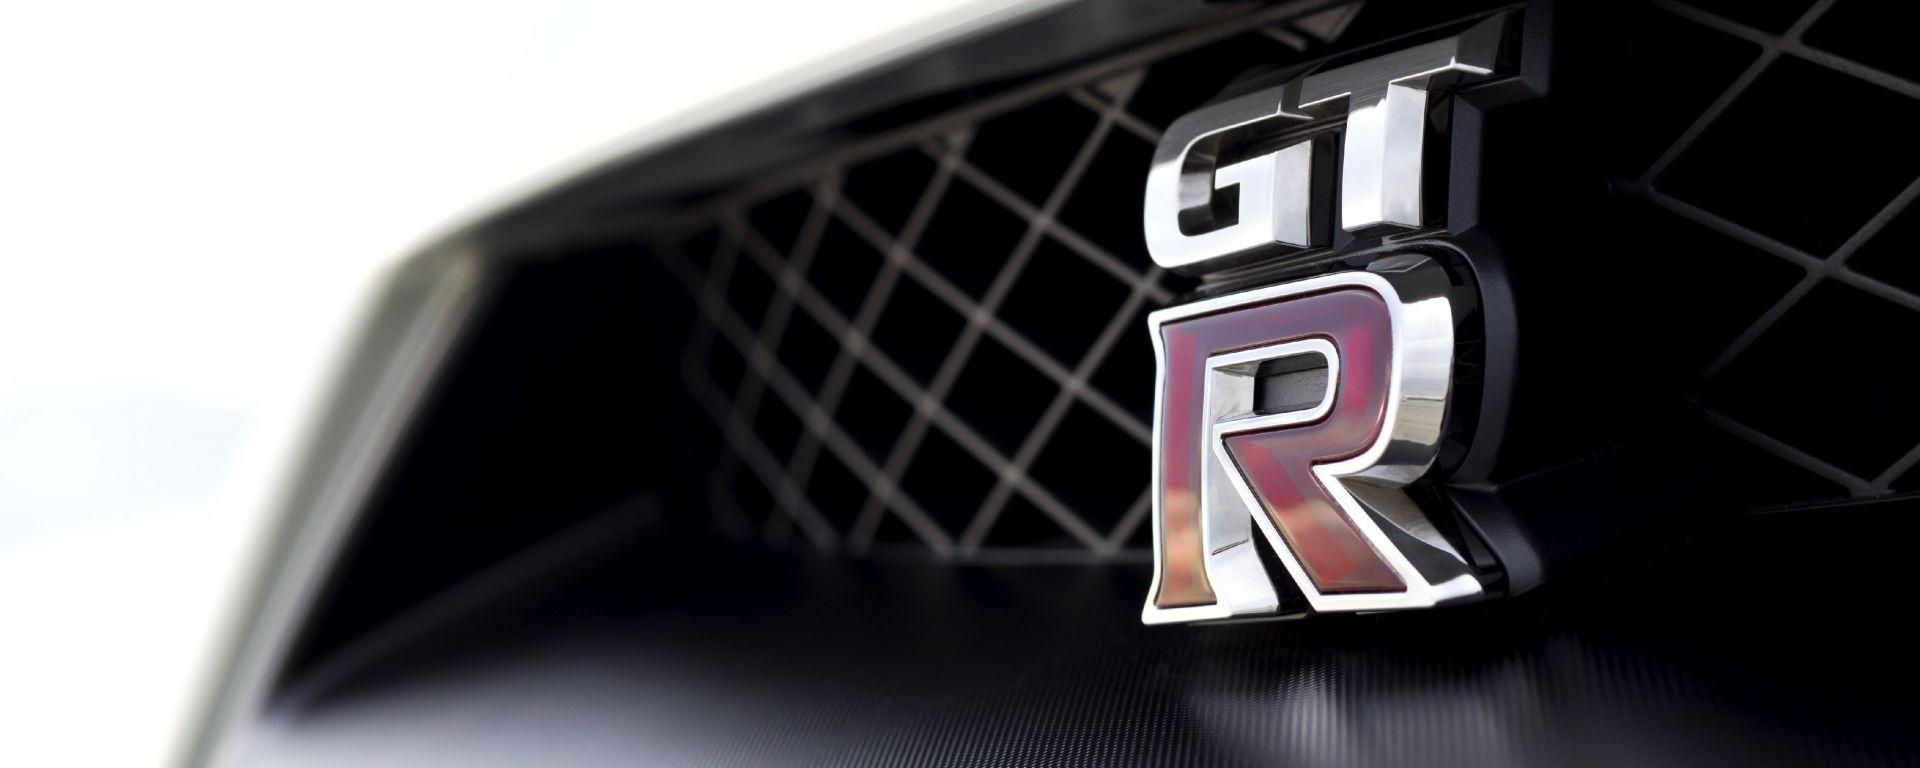 Nissan GT-R 2011 Europa